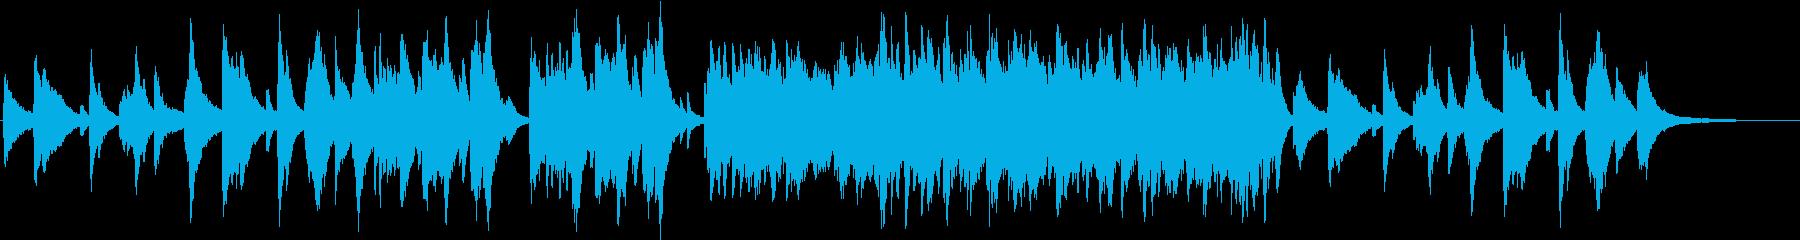 対峙する決意のピアノの再生済みの波形